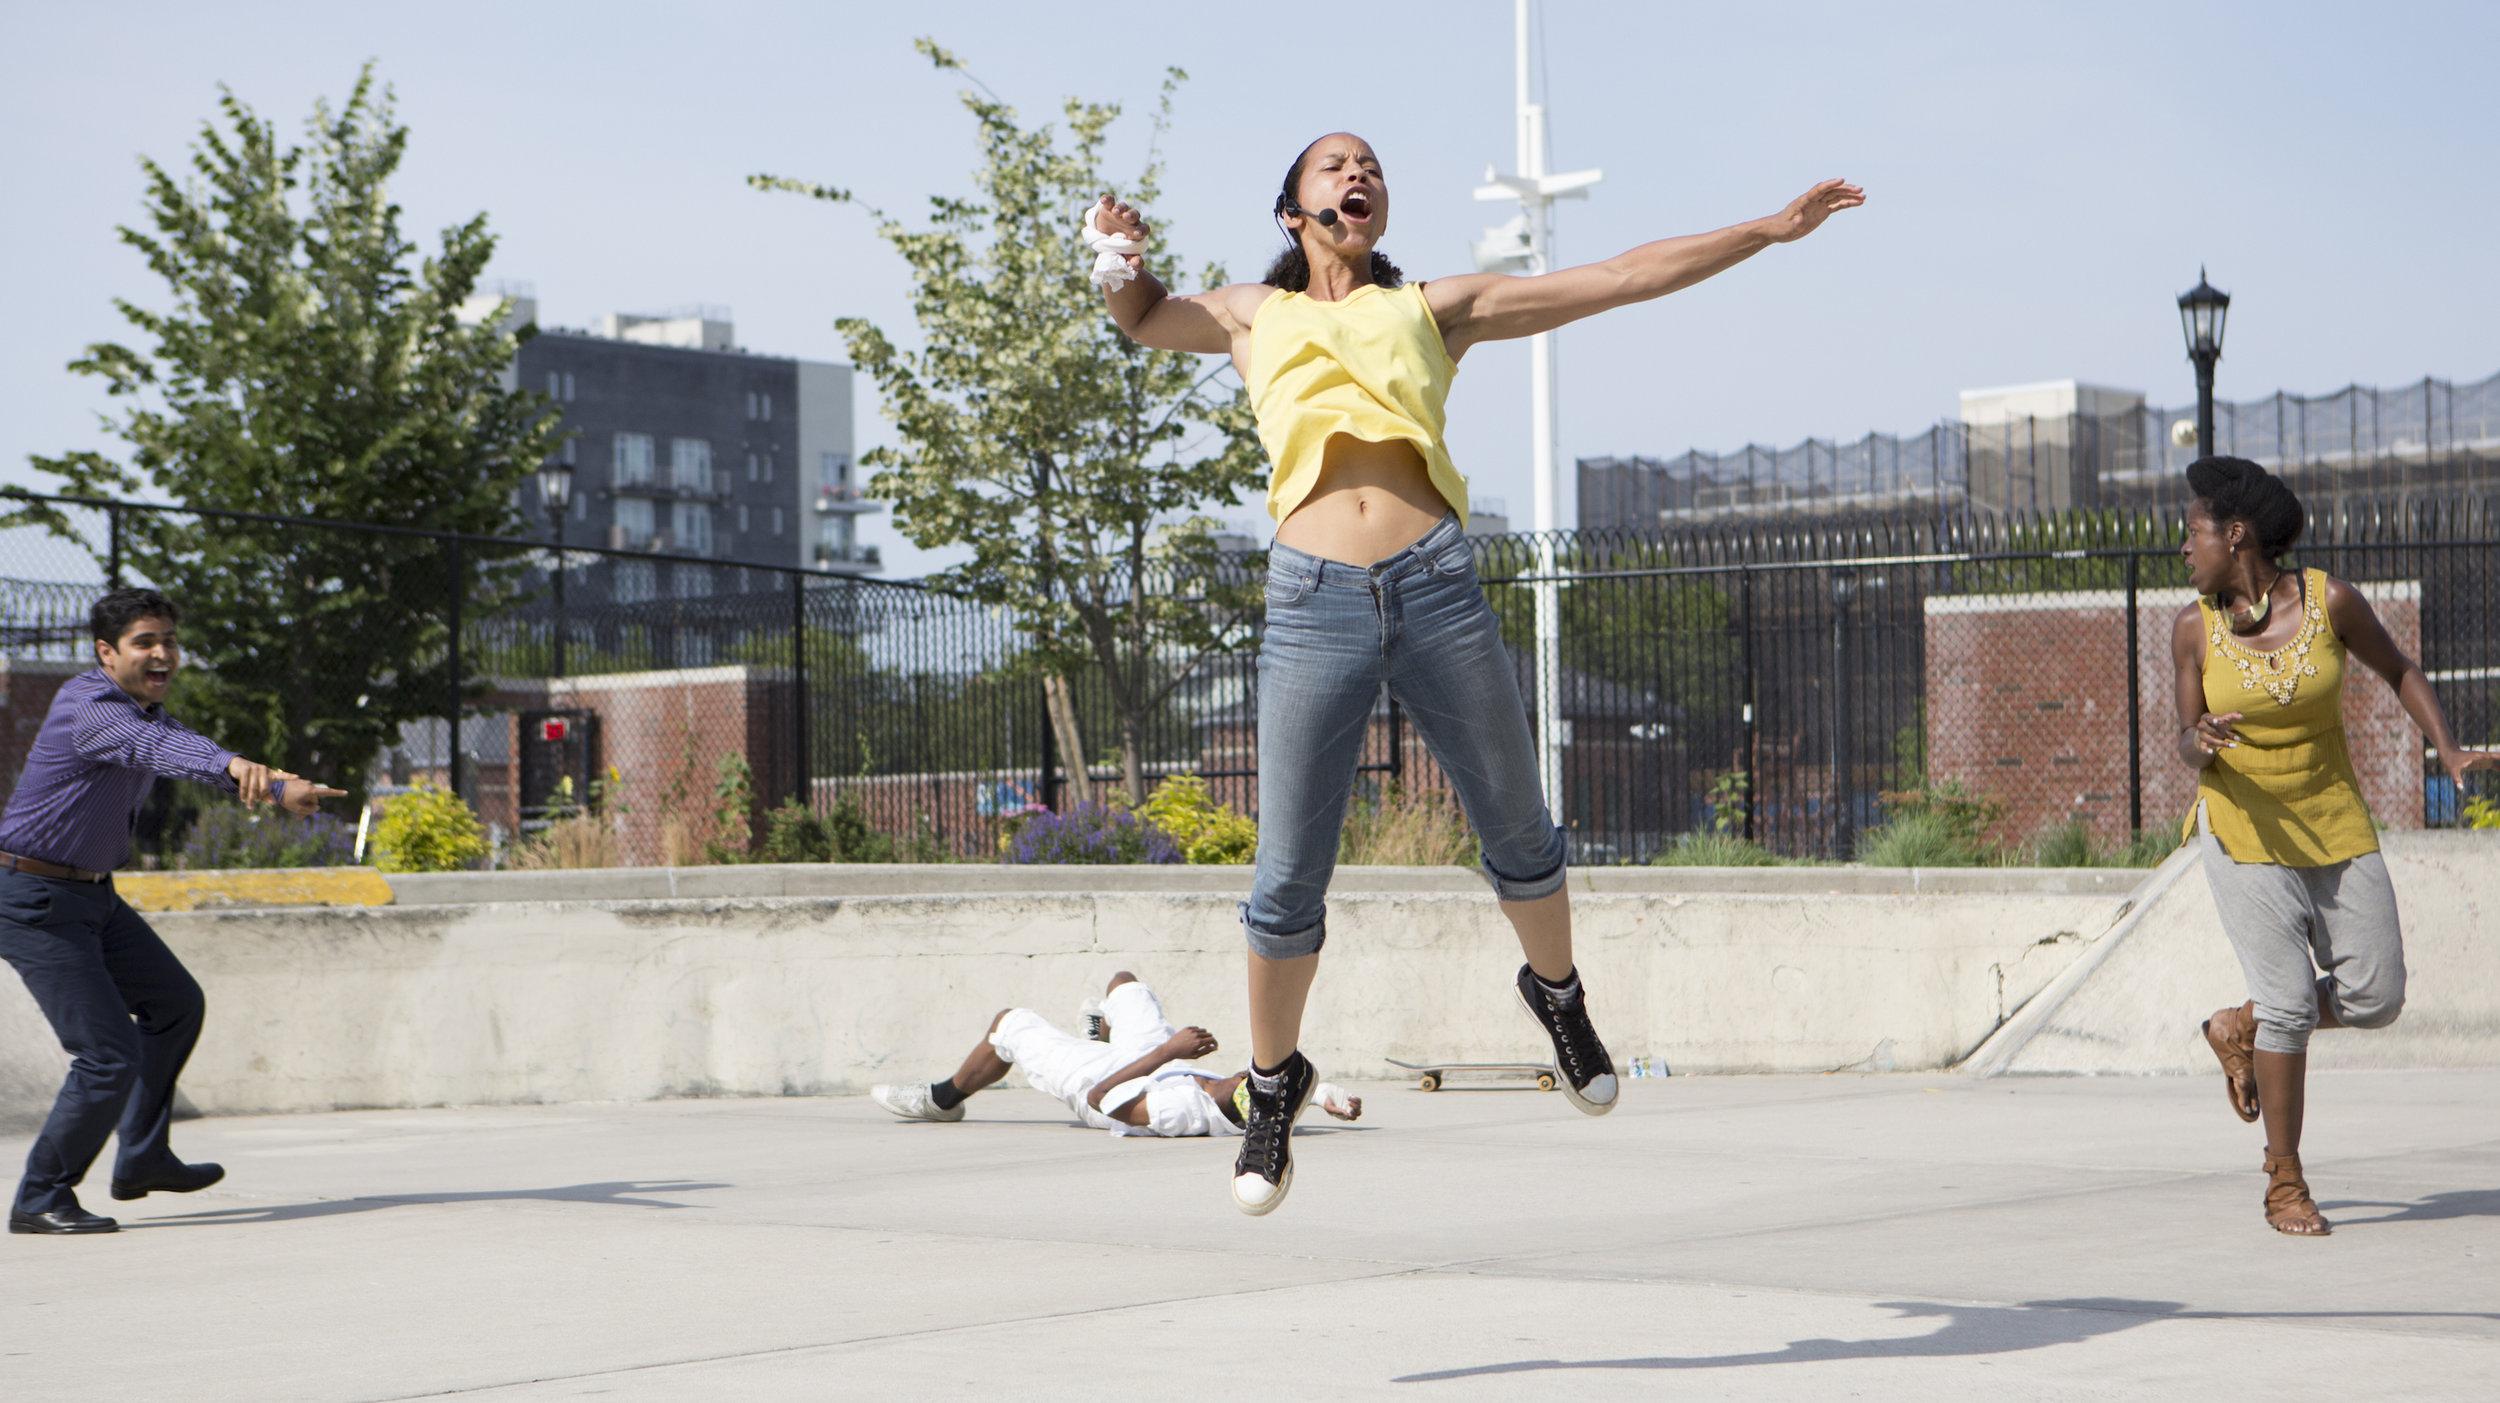 Skate_Play_1040.jpg